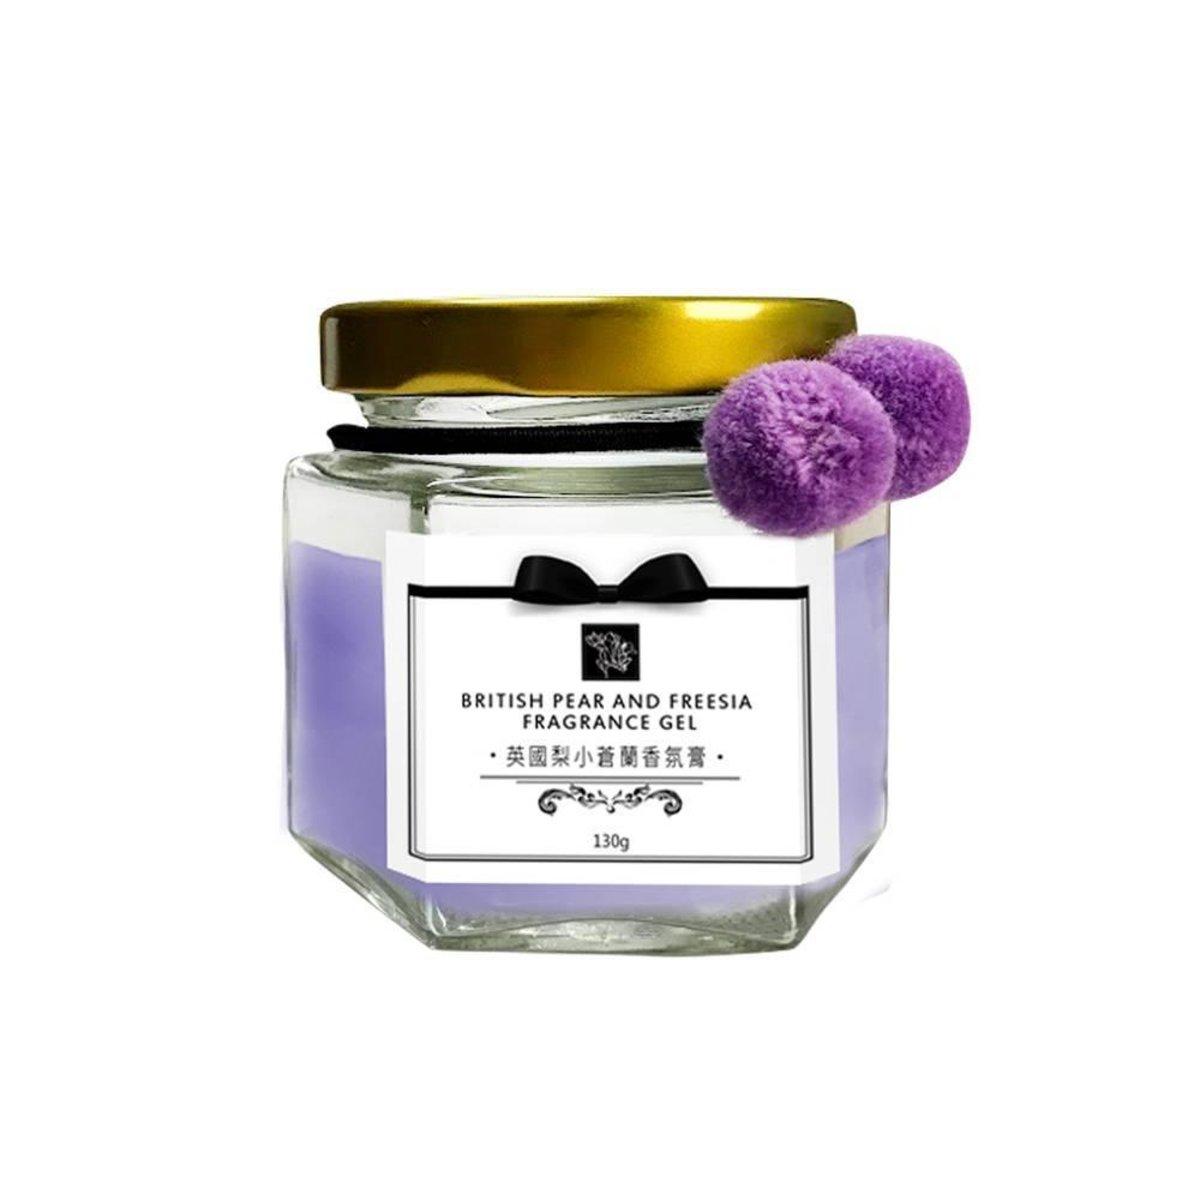 Fragrance Gel - English Pear & Freesia